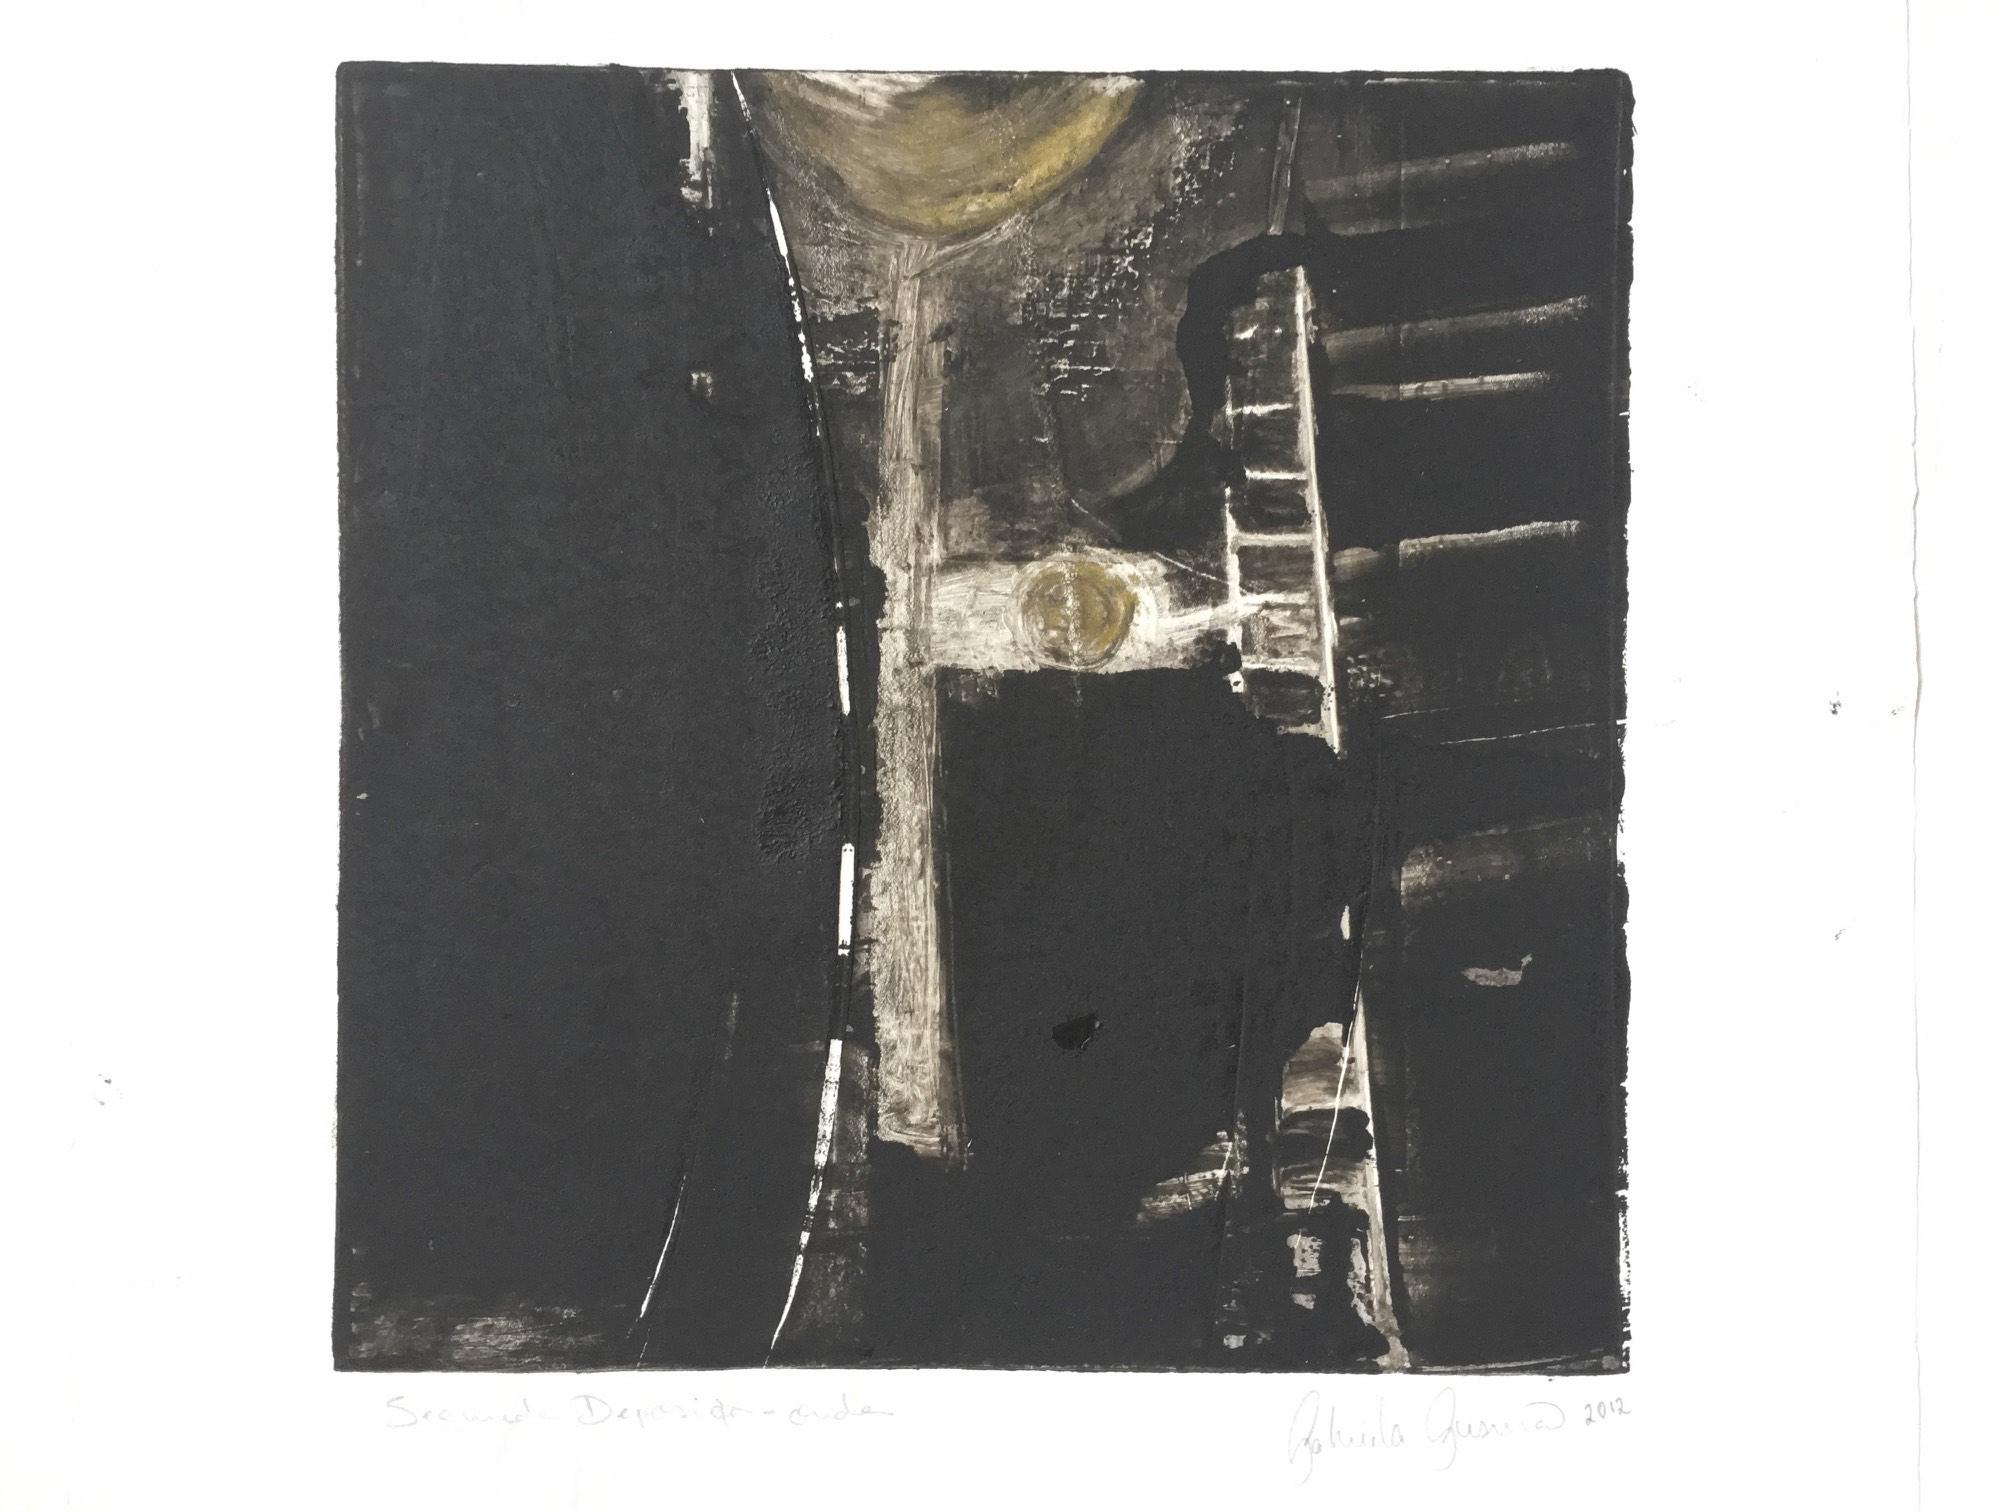 Gabriela Gusmão, Onda, 2012, série Segunda Deposição, monotipia, 36 x 32 cm